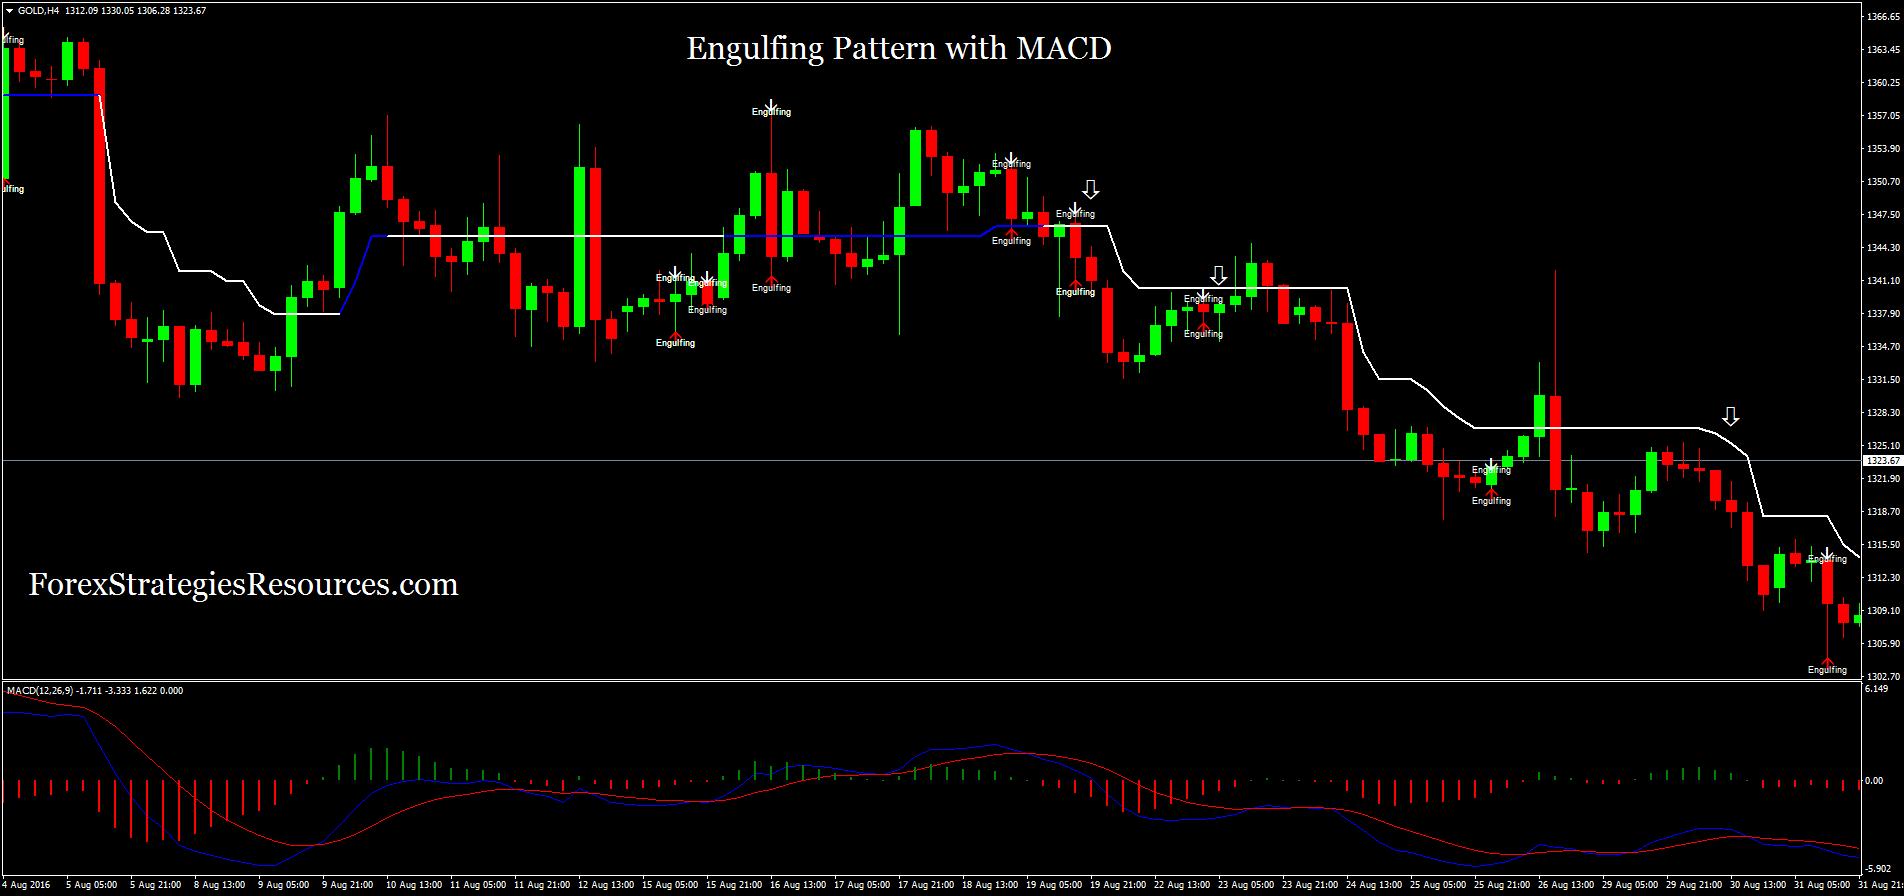 Engulfing trading system